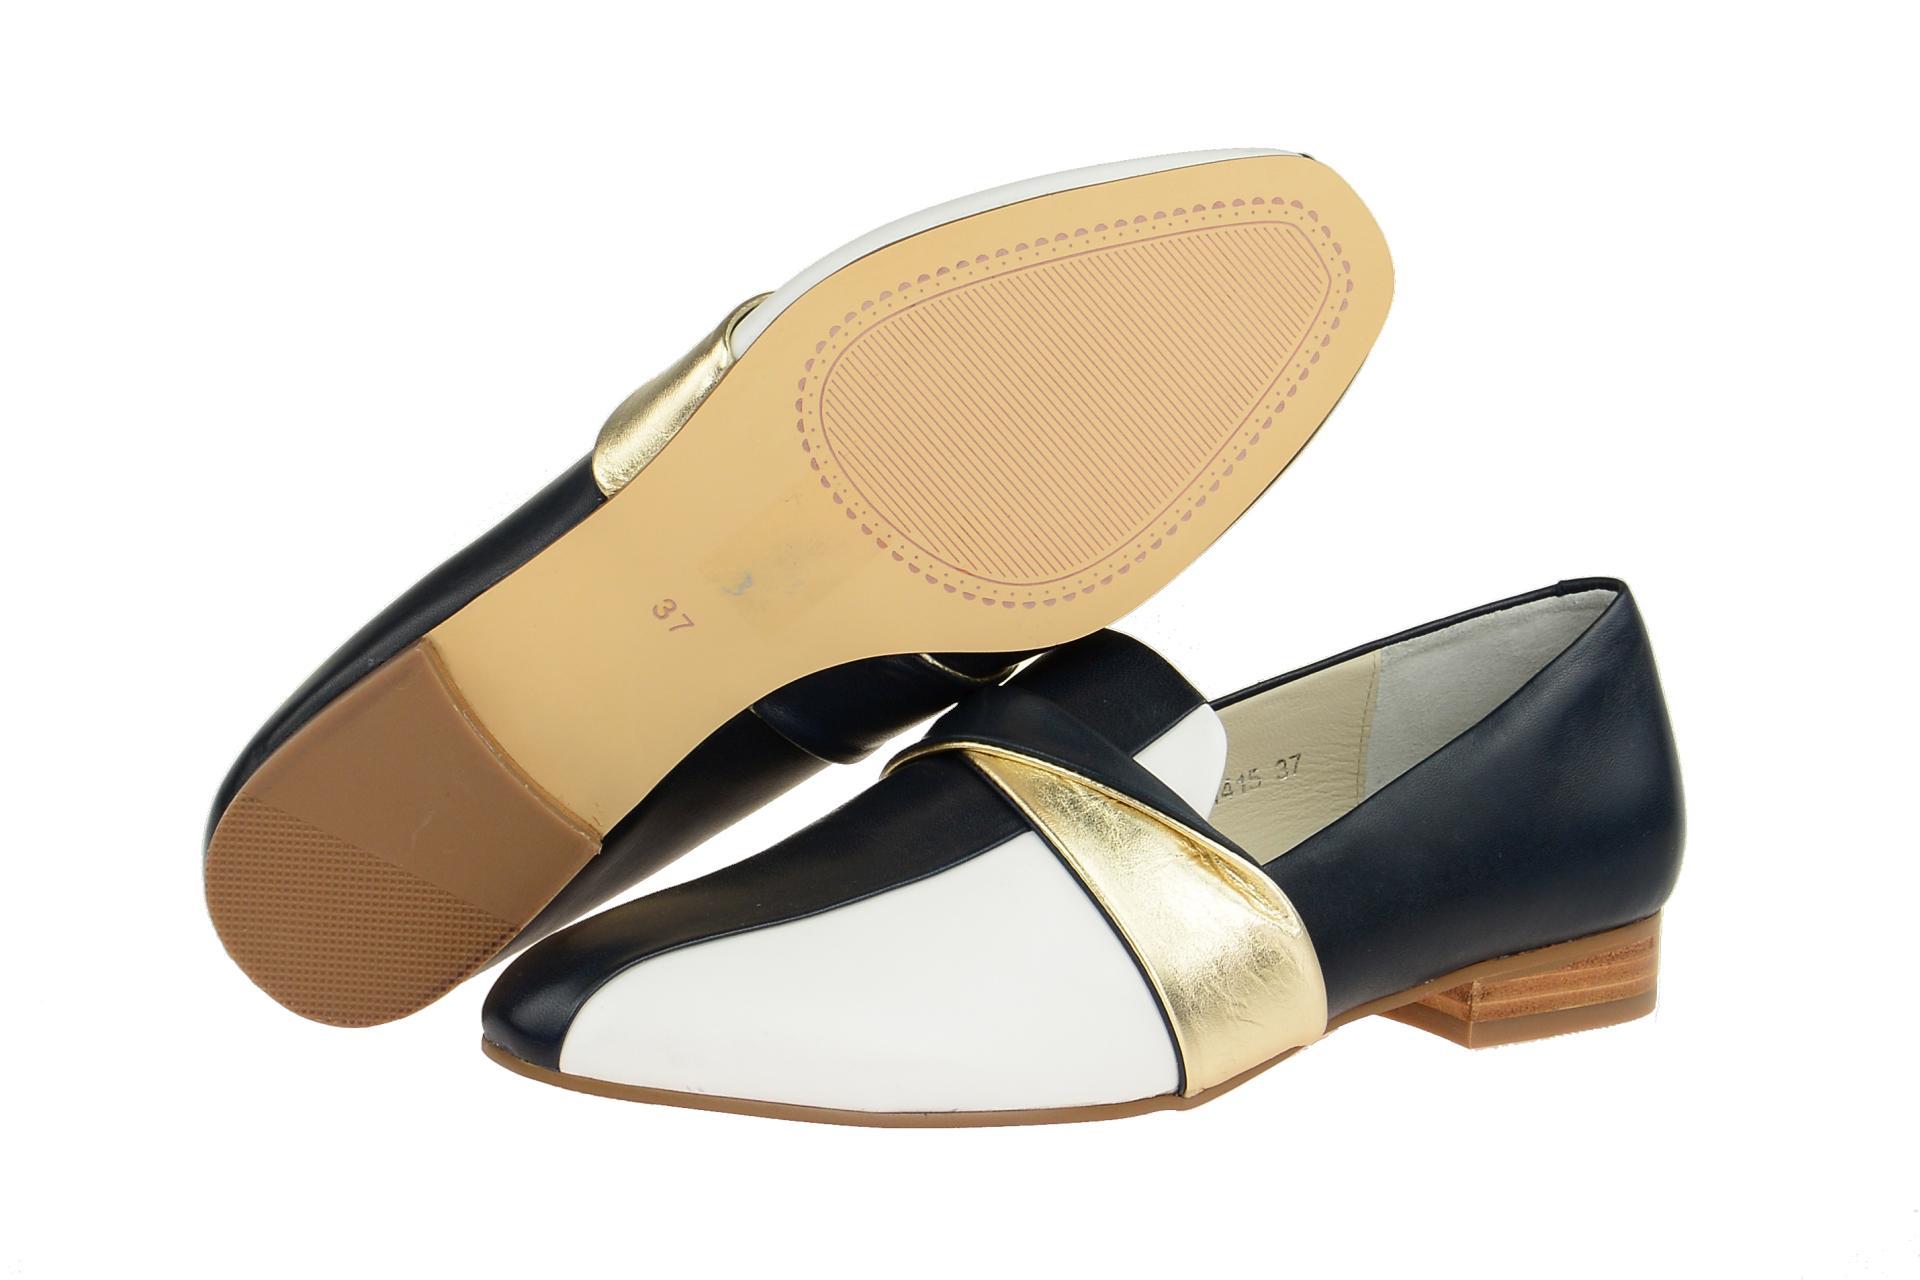 Everybody Schuhe 31415 blau Damenschuhe elegante Slipper 31415P1424 blu NEU 0c99dd8064